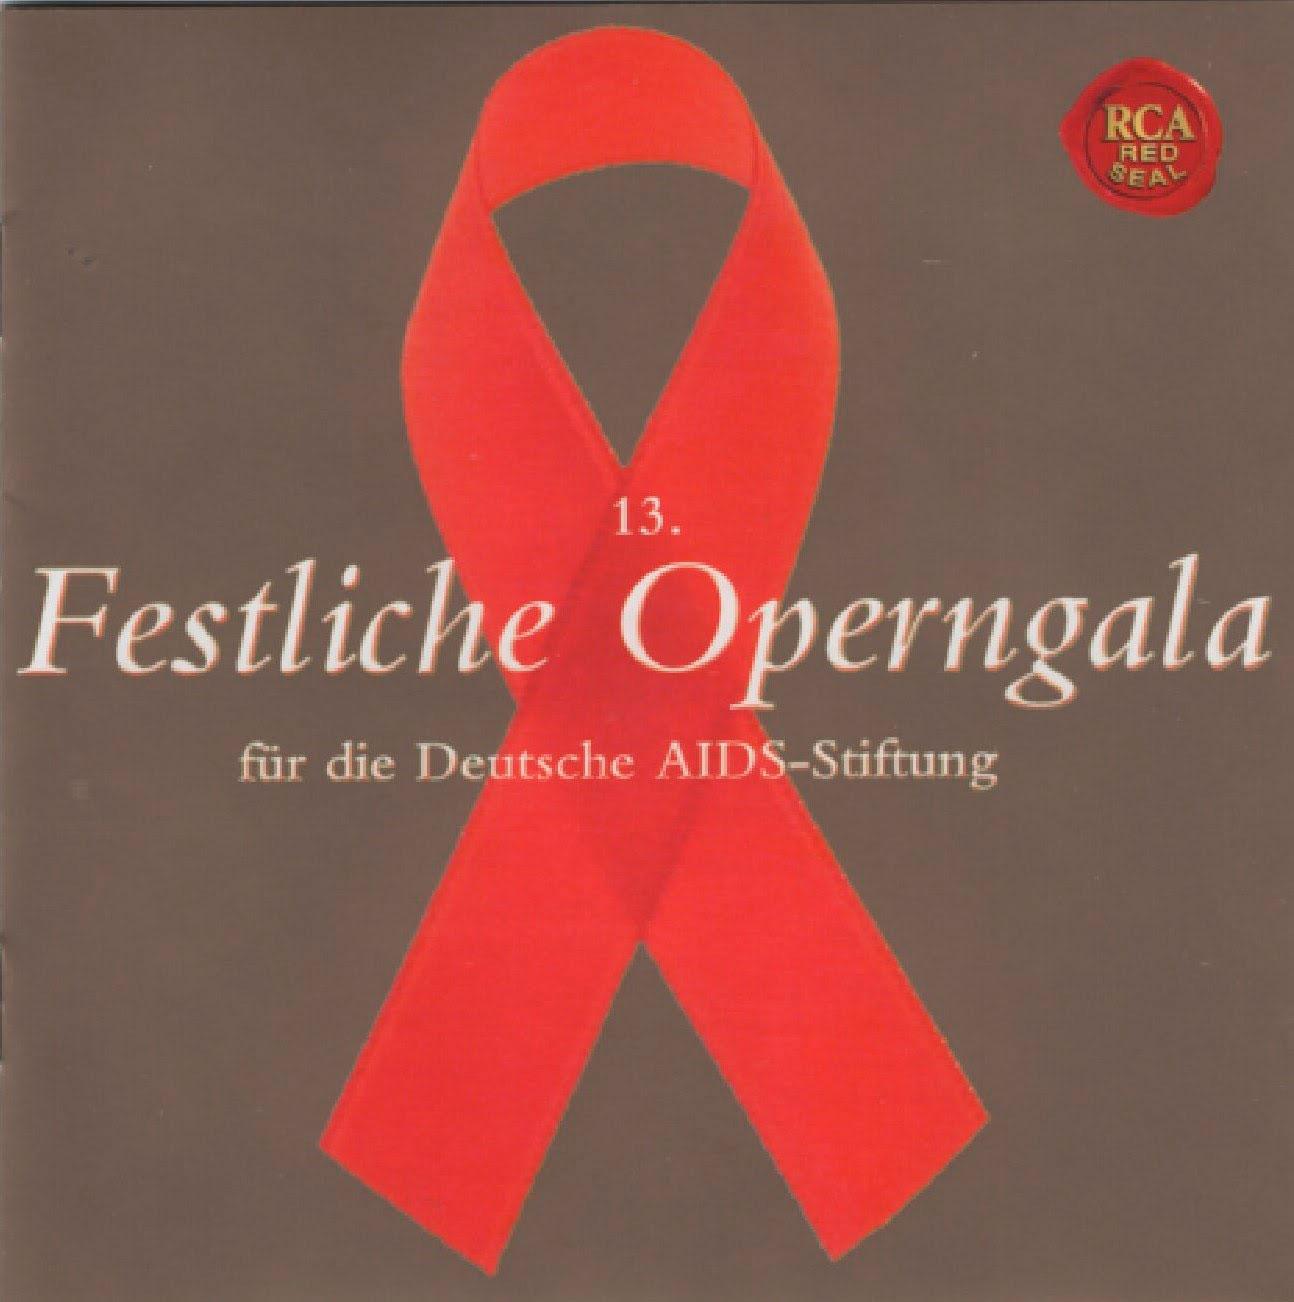 festliche operngala cd cover